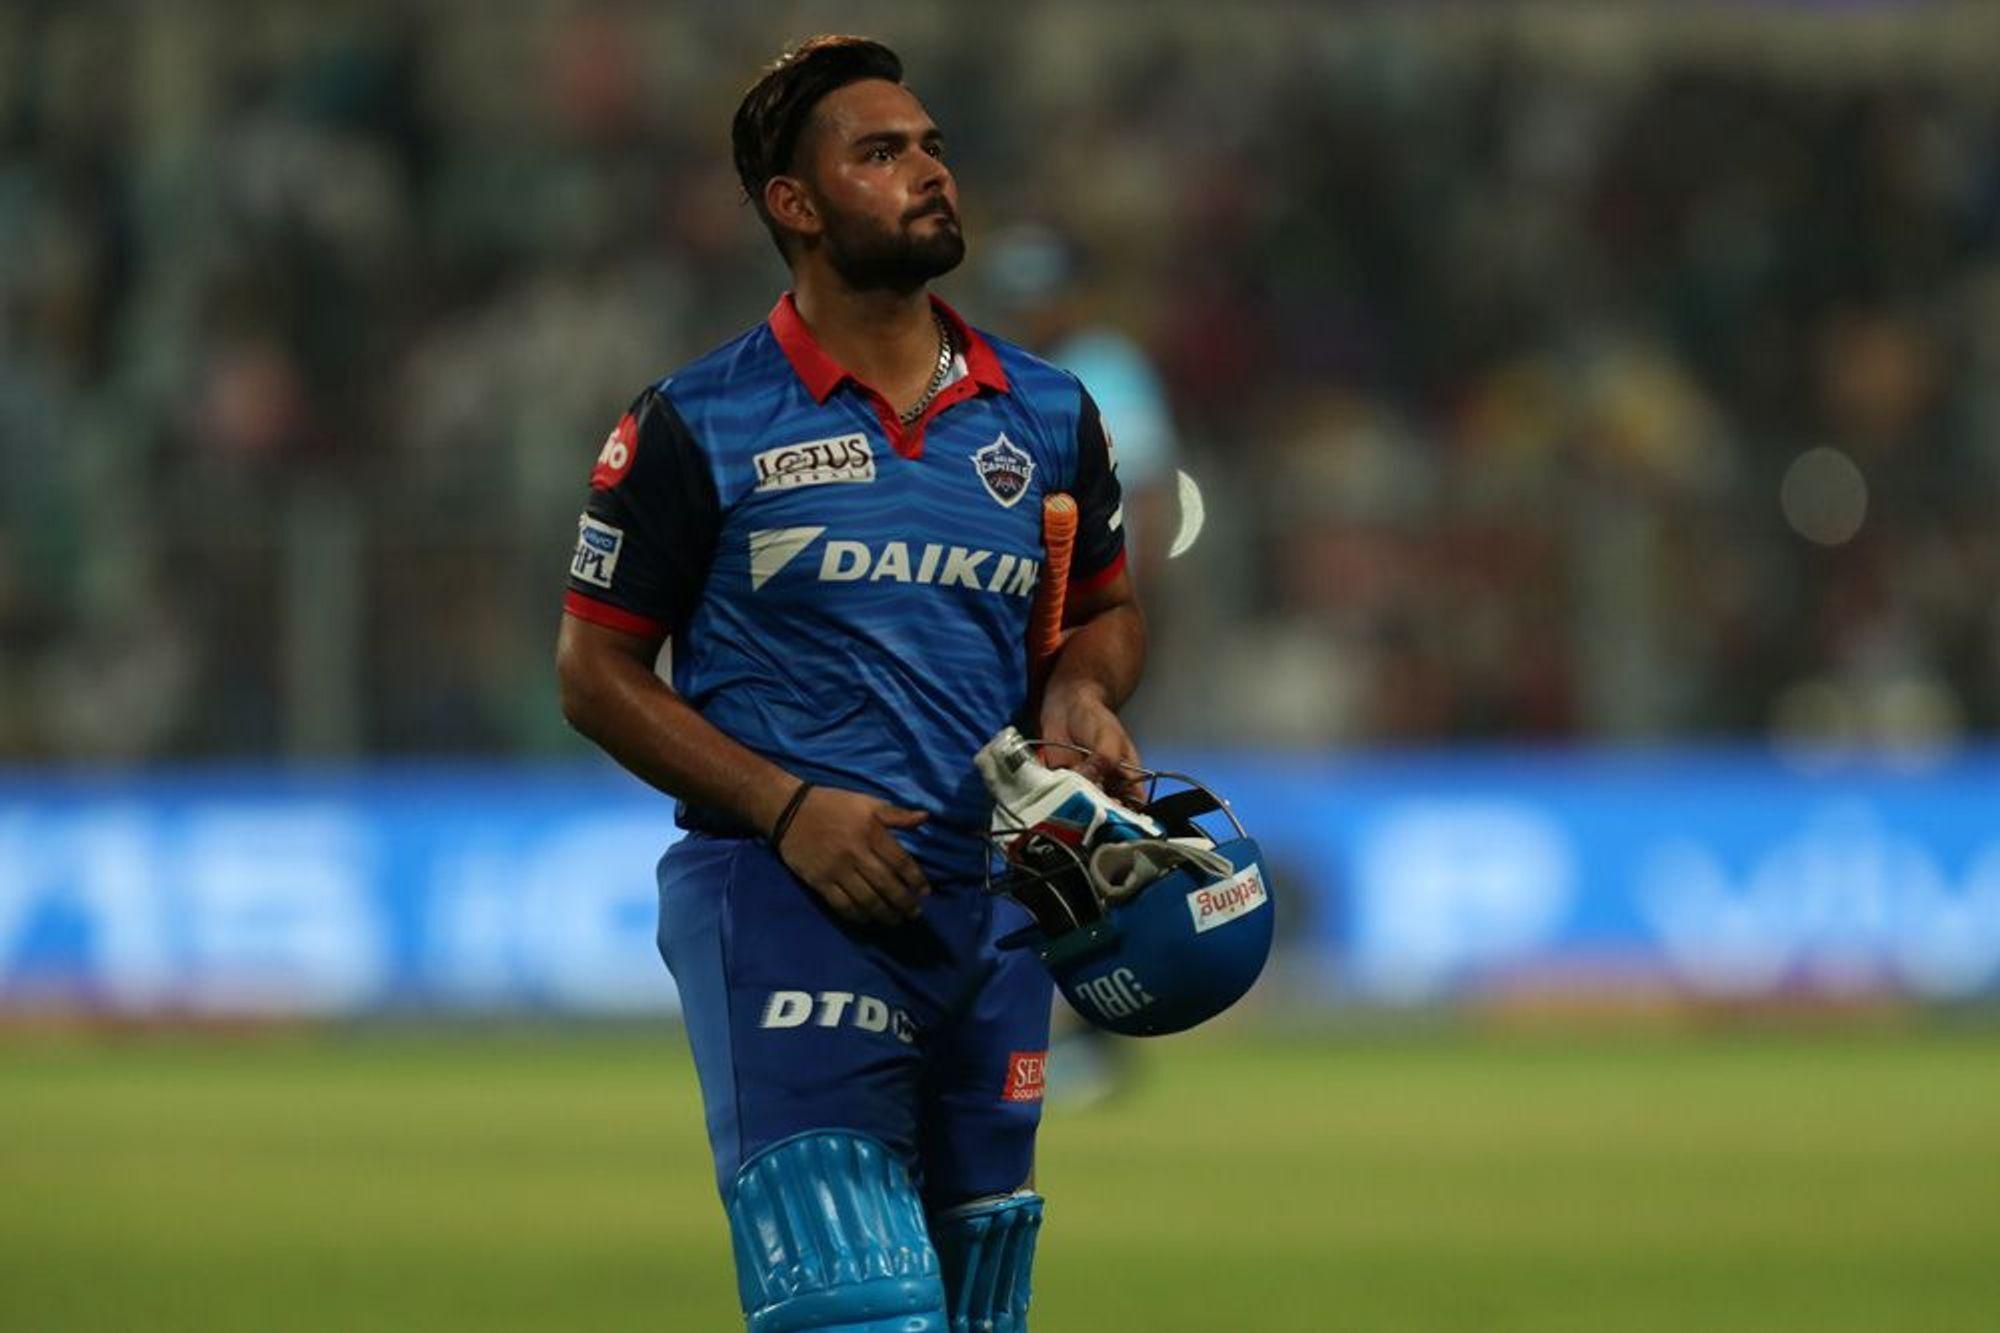 KKRvsDC : मैच के बाद ऋषभ पंत ने बताया विकेट होने के बाद भी क्यों अंत तक की धीमी बल्लेबाजी 24